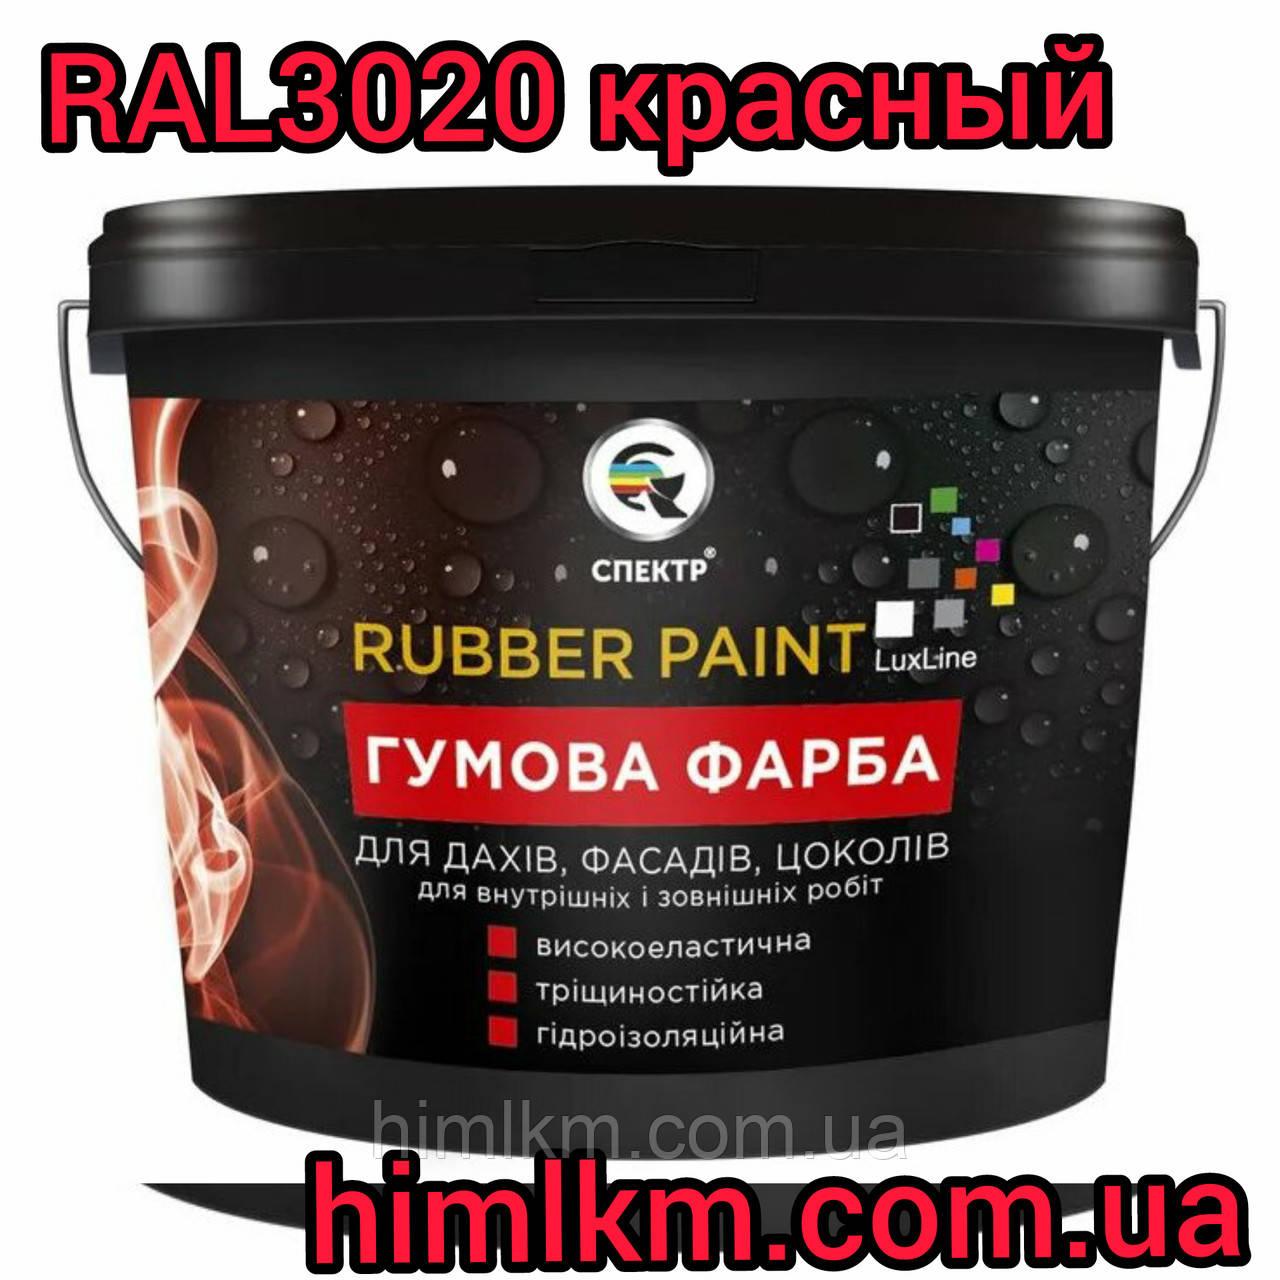 Гумова фарба акрилова, 12кг червоний колір RAL 3020